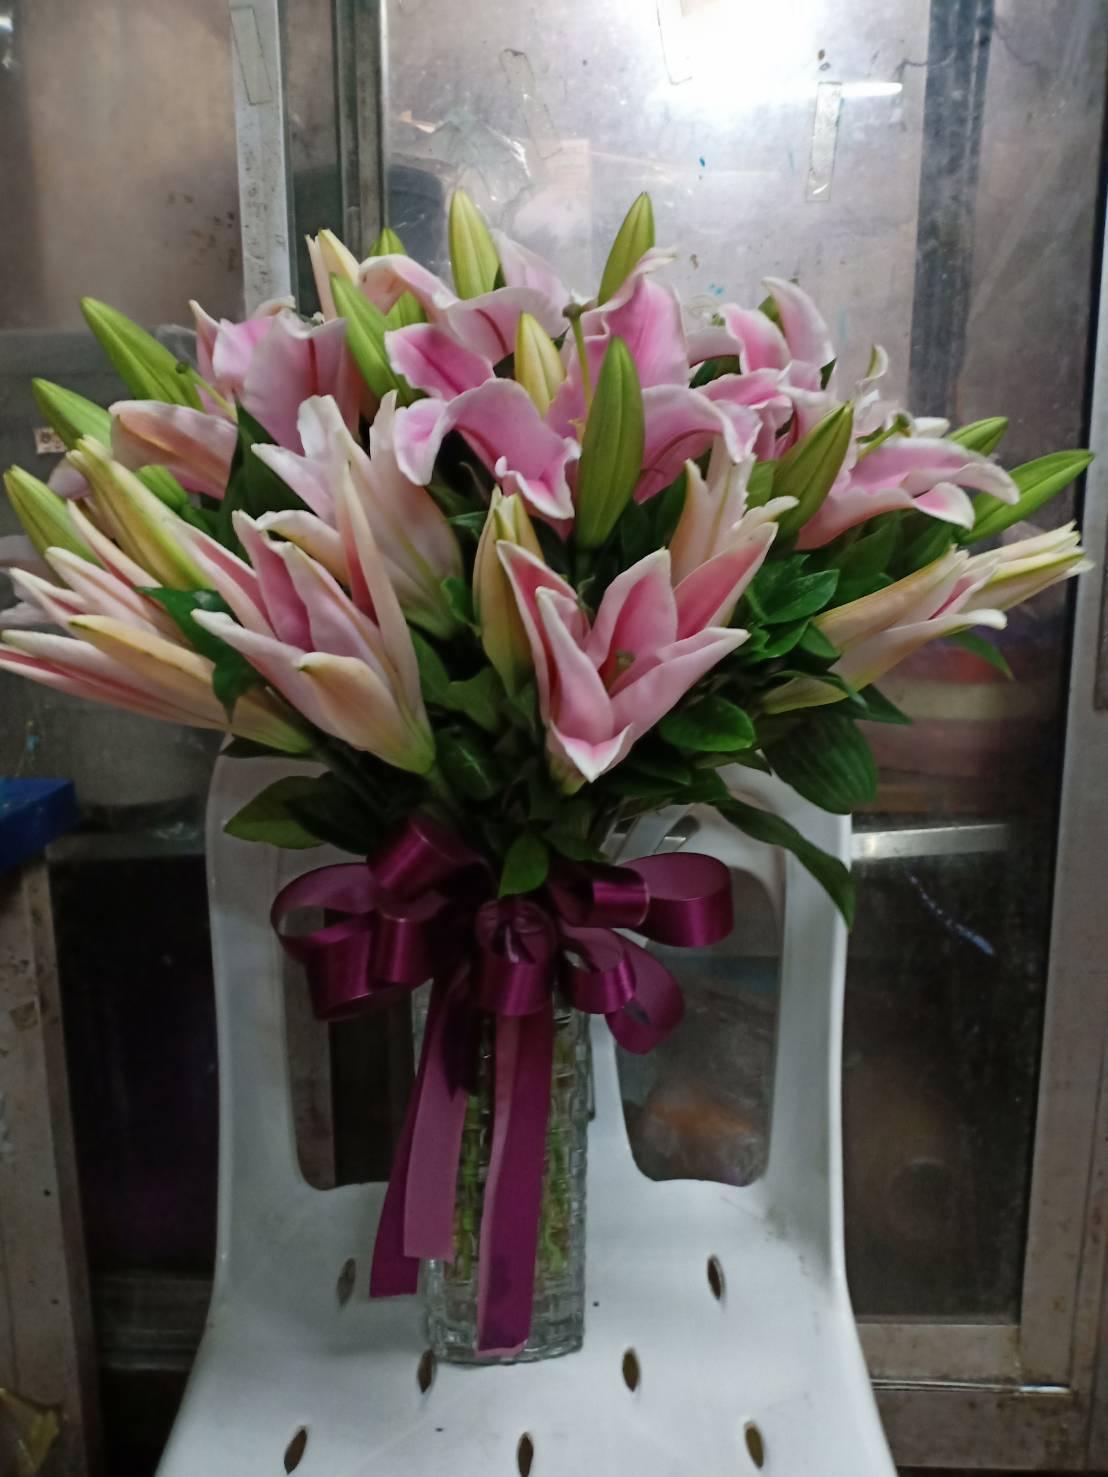 ดอกลิลลี่สีชมพูอ่อน เรียงใส่แจกันดอกไม้จนได้เป็นงานศิลป์ชั้นเยี่ยม